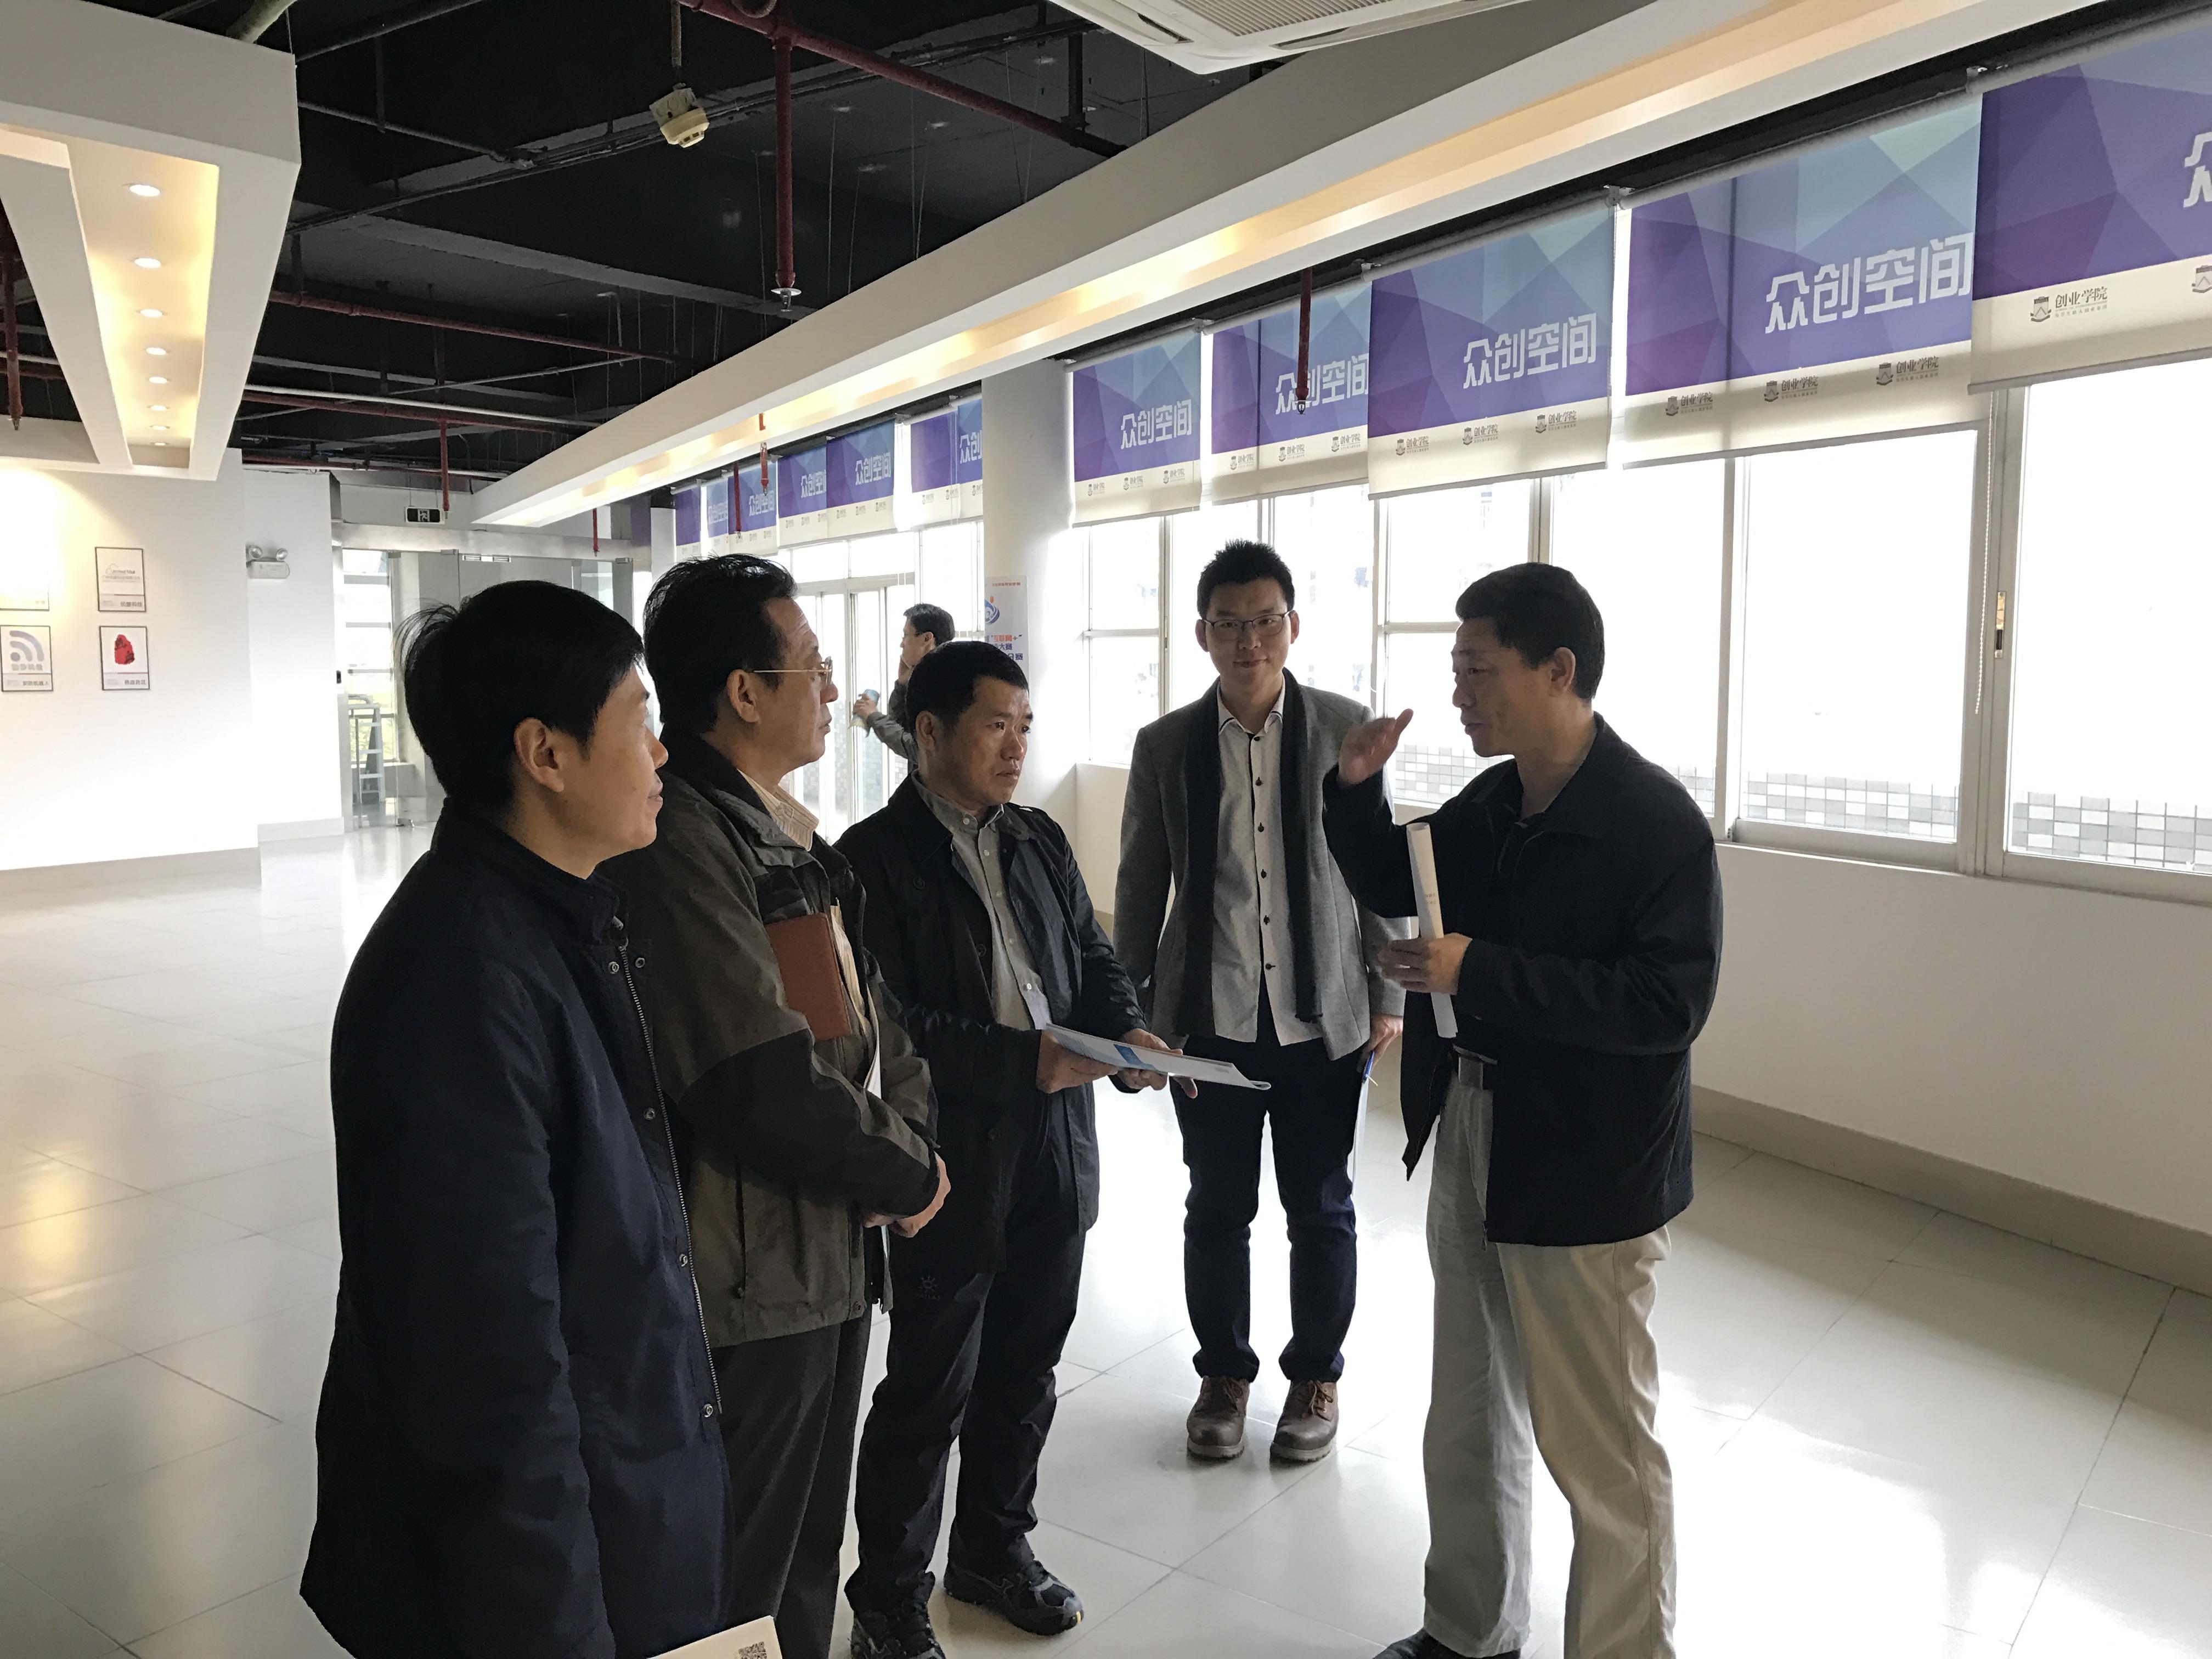 惠州学院、吉林建筑大学等高校领导到访我校众创空间